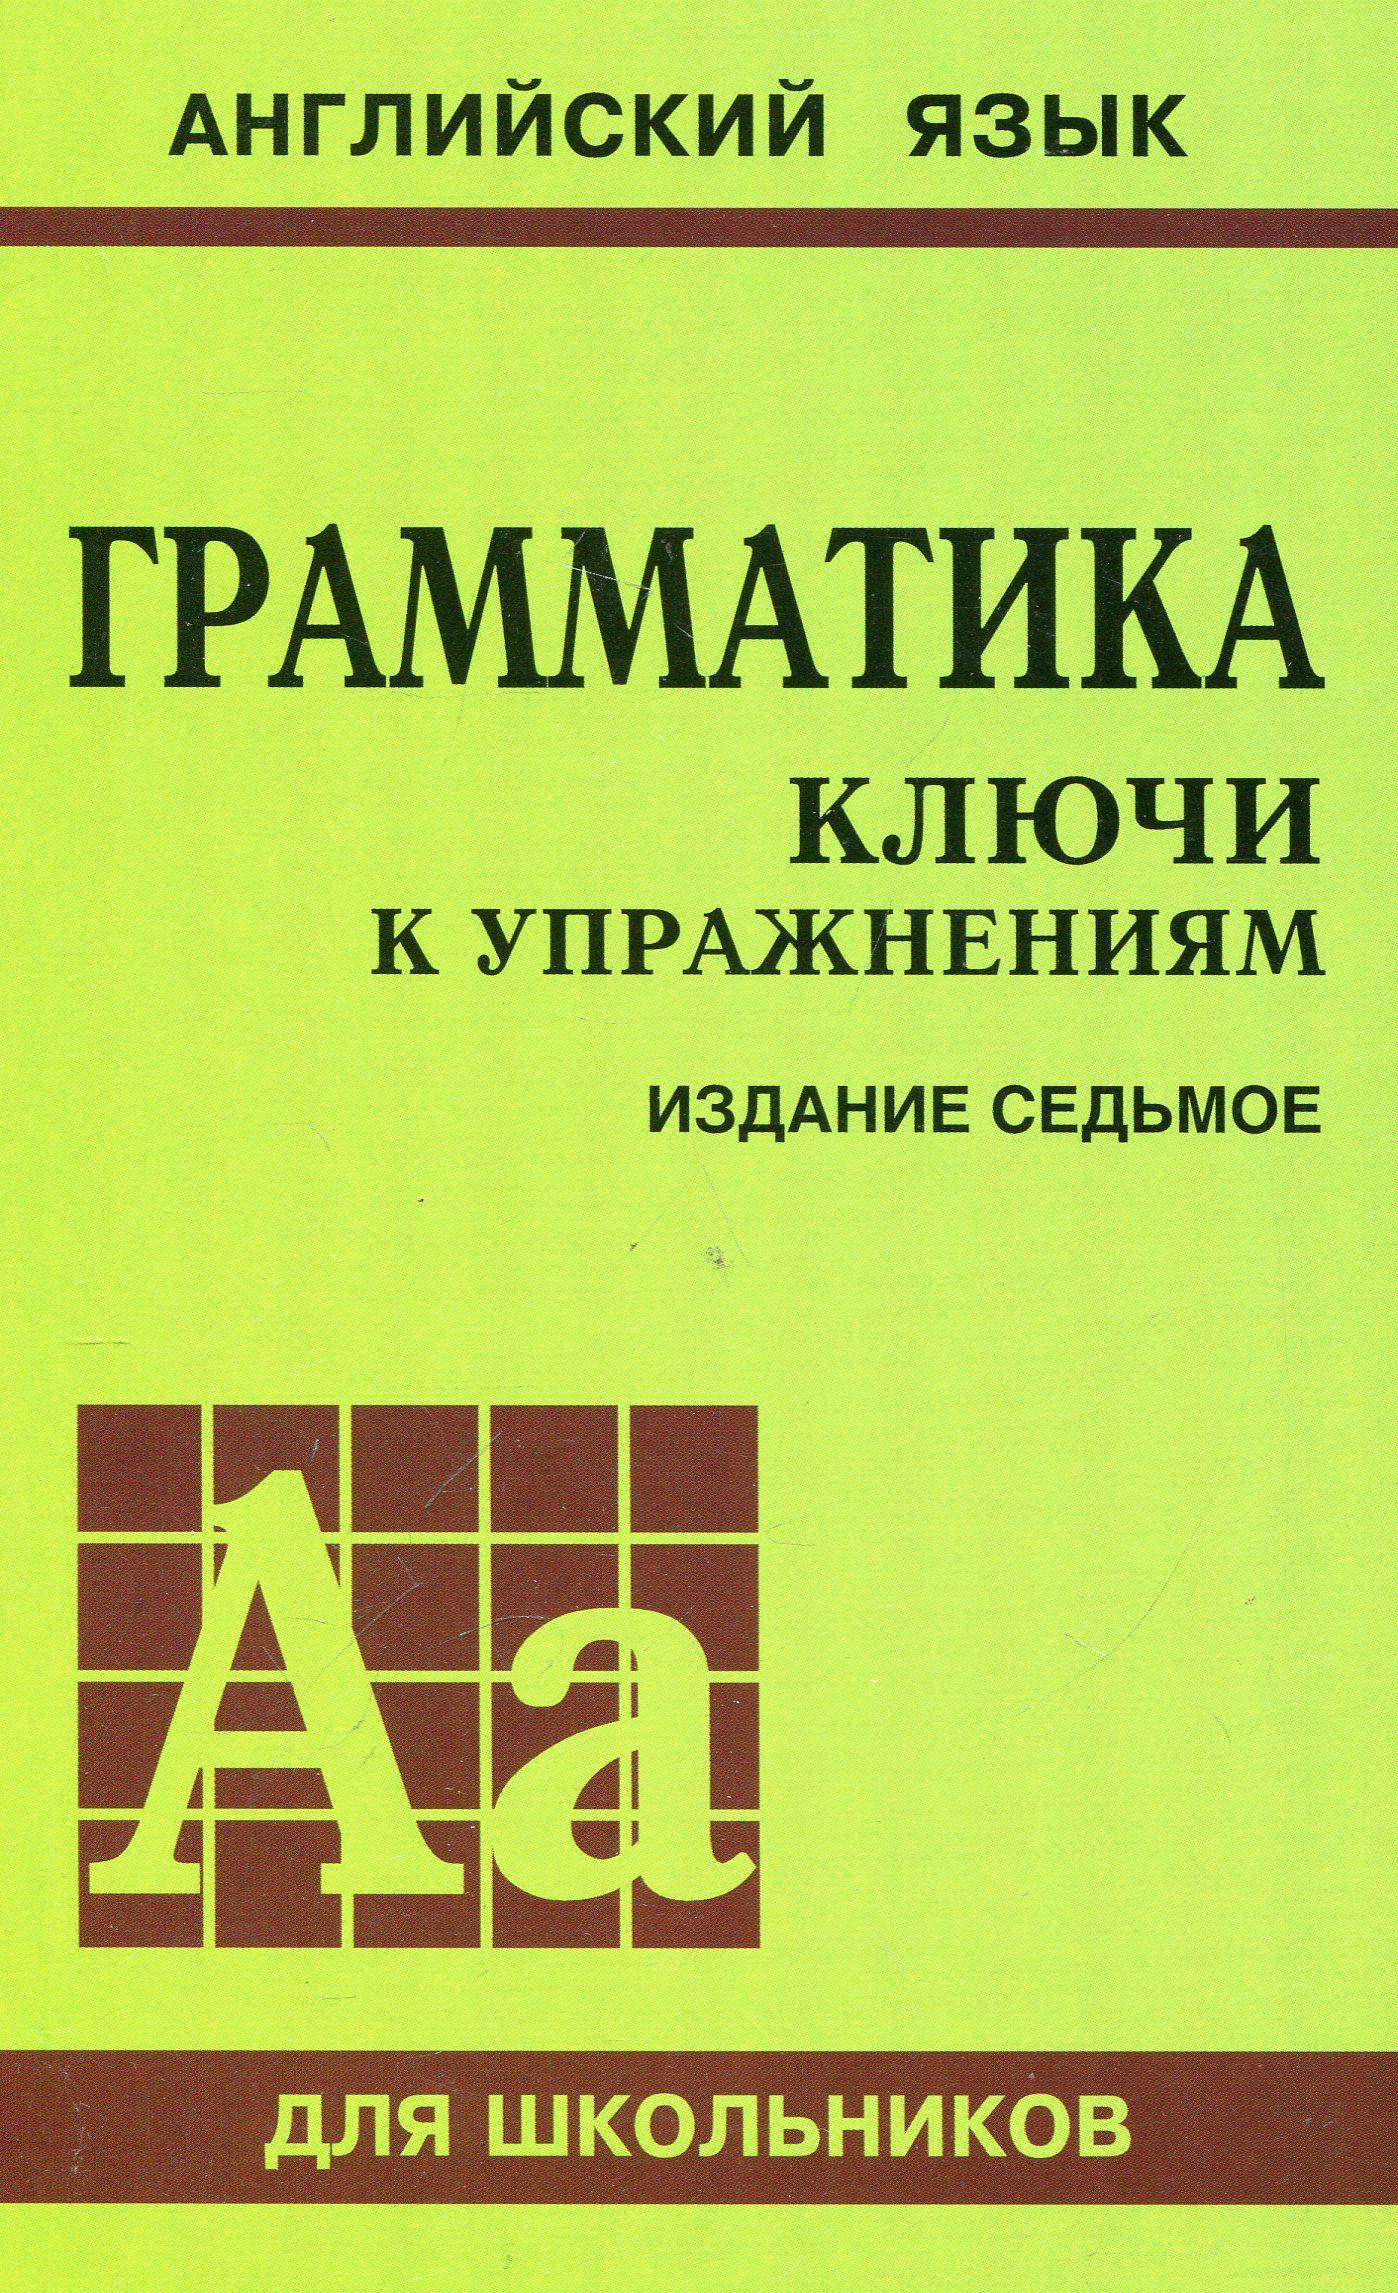 Решебник по английскому языку, Голицынский - понять грамматику без репетитора